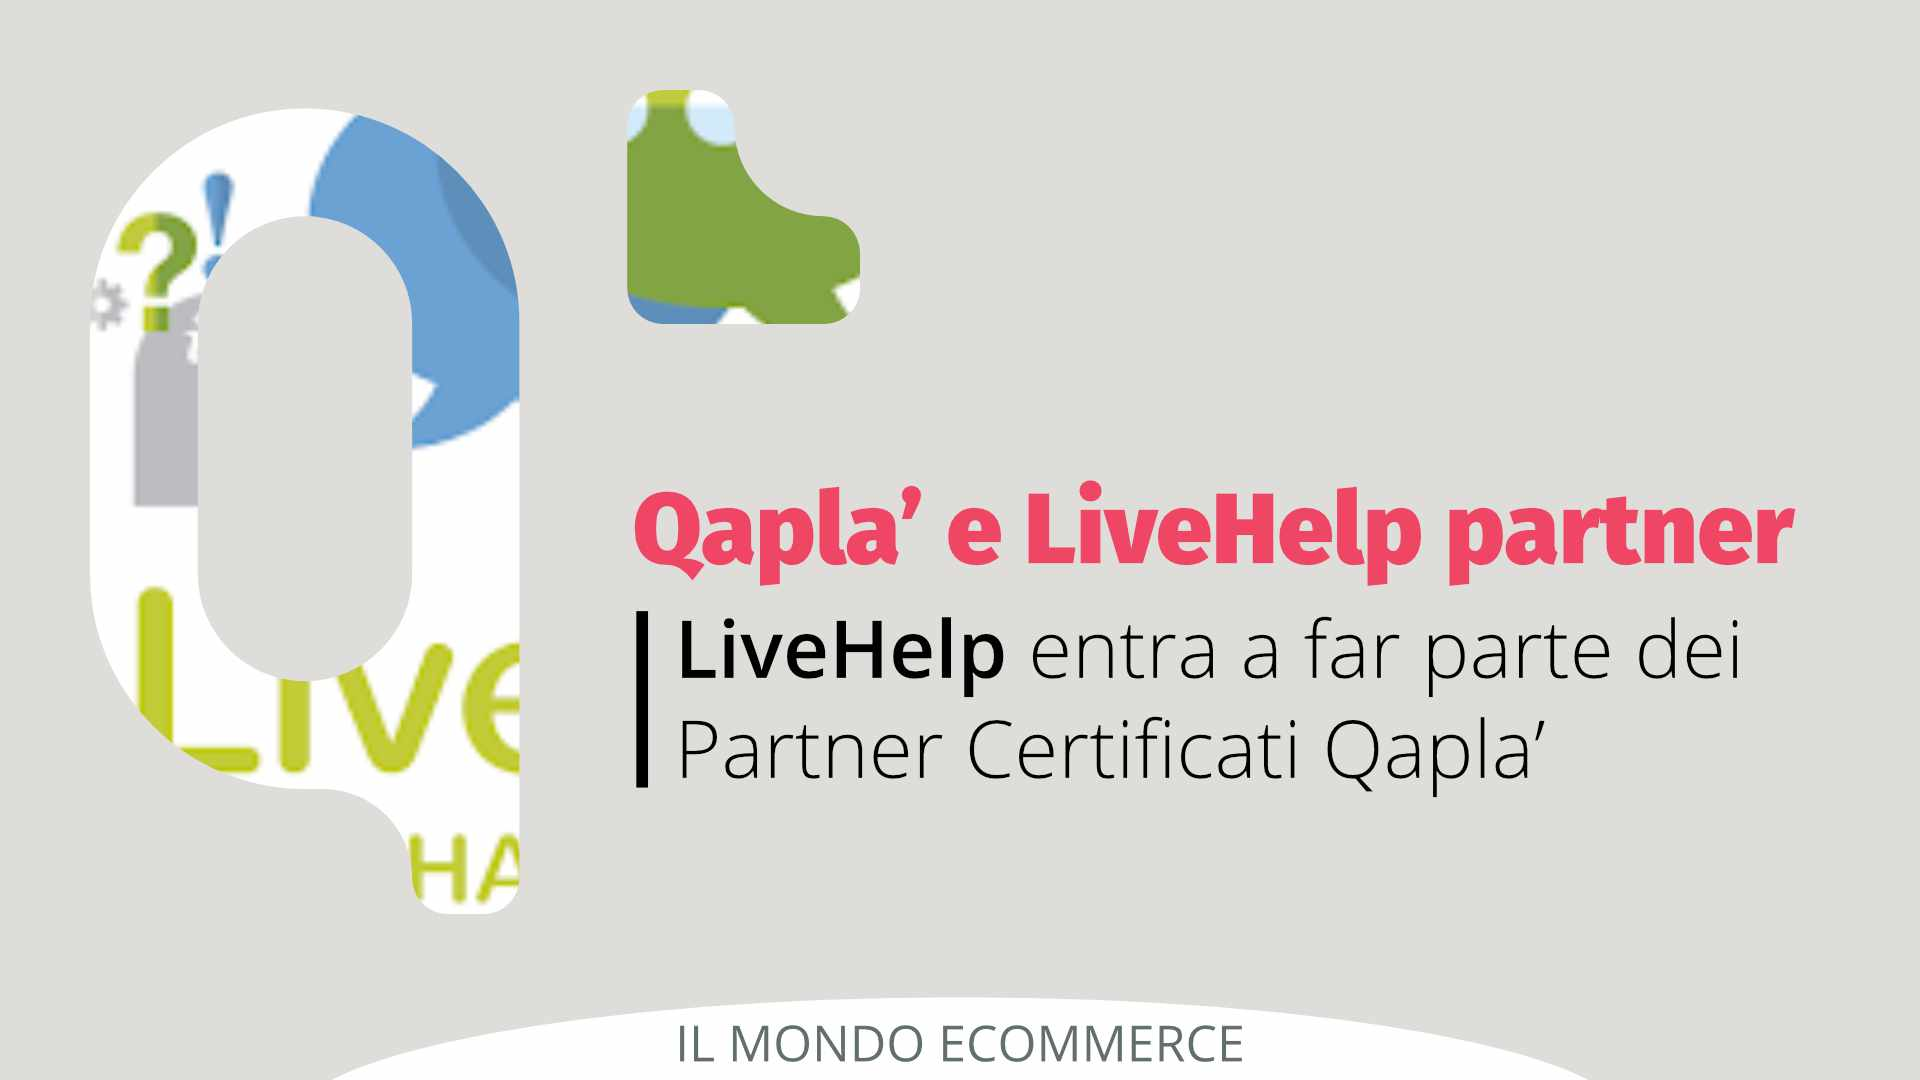 Qapla' e LiveHelp partner per una comunicazione di valore con il cliente dell'eCommerce